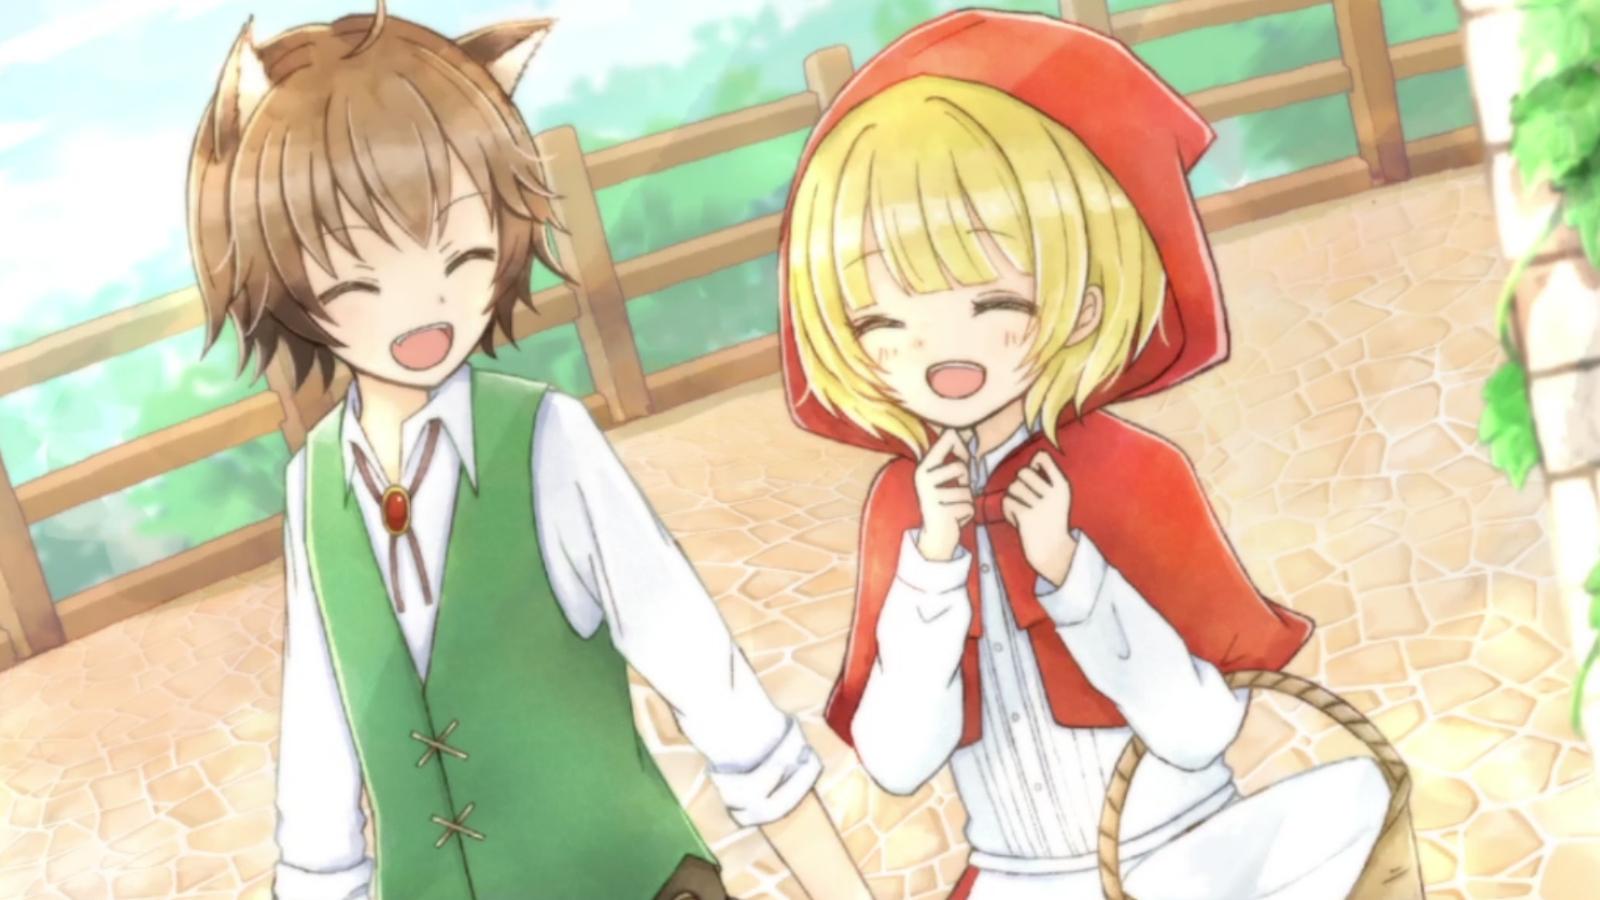 【声控】小红帽与狼少年的黑暗童话!?